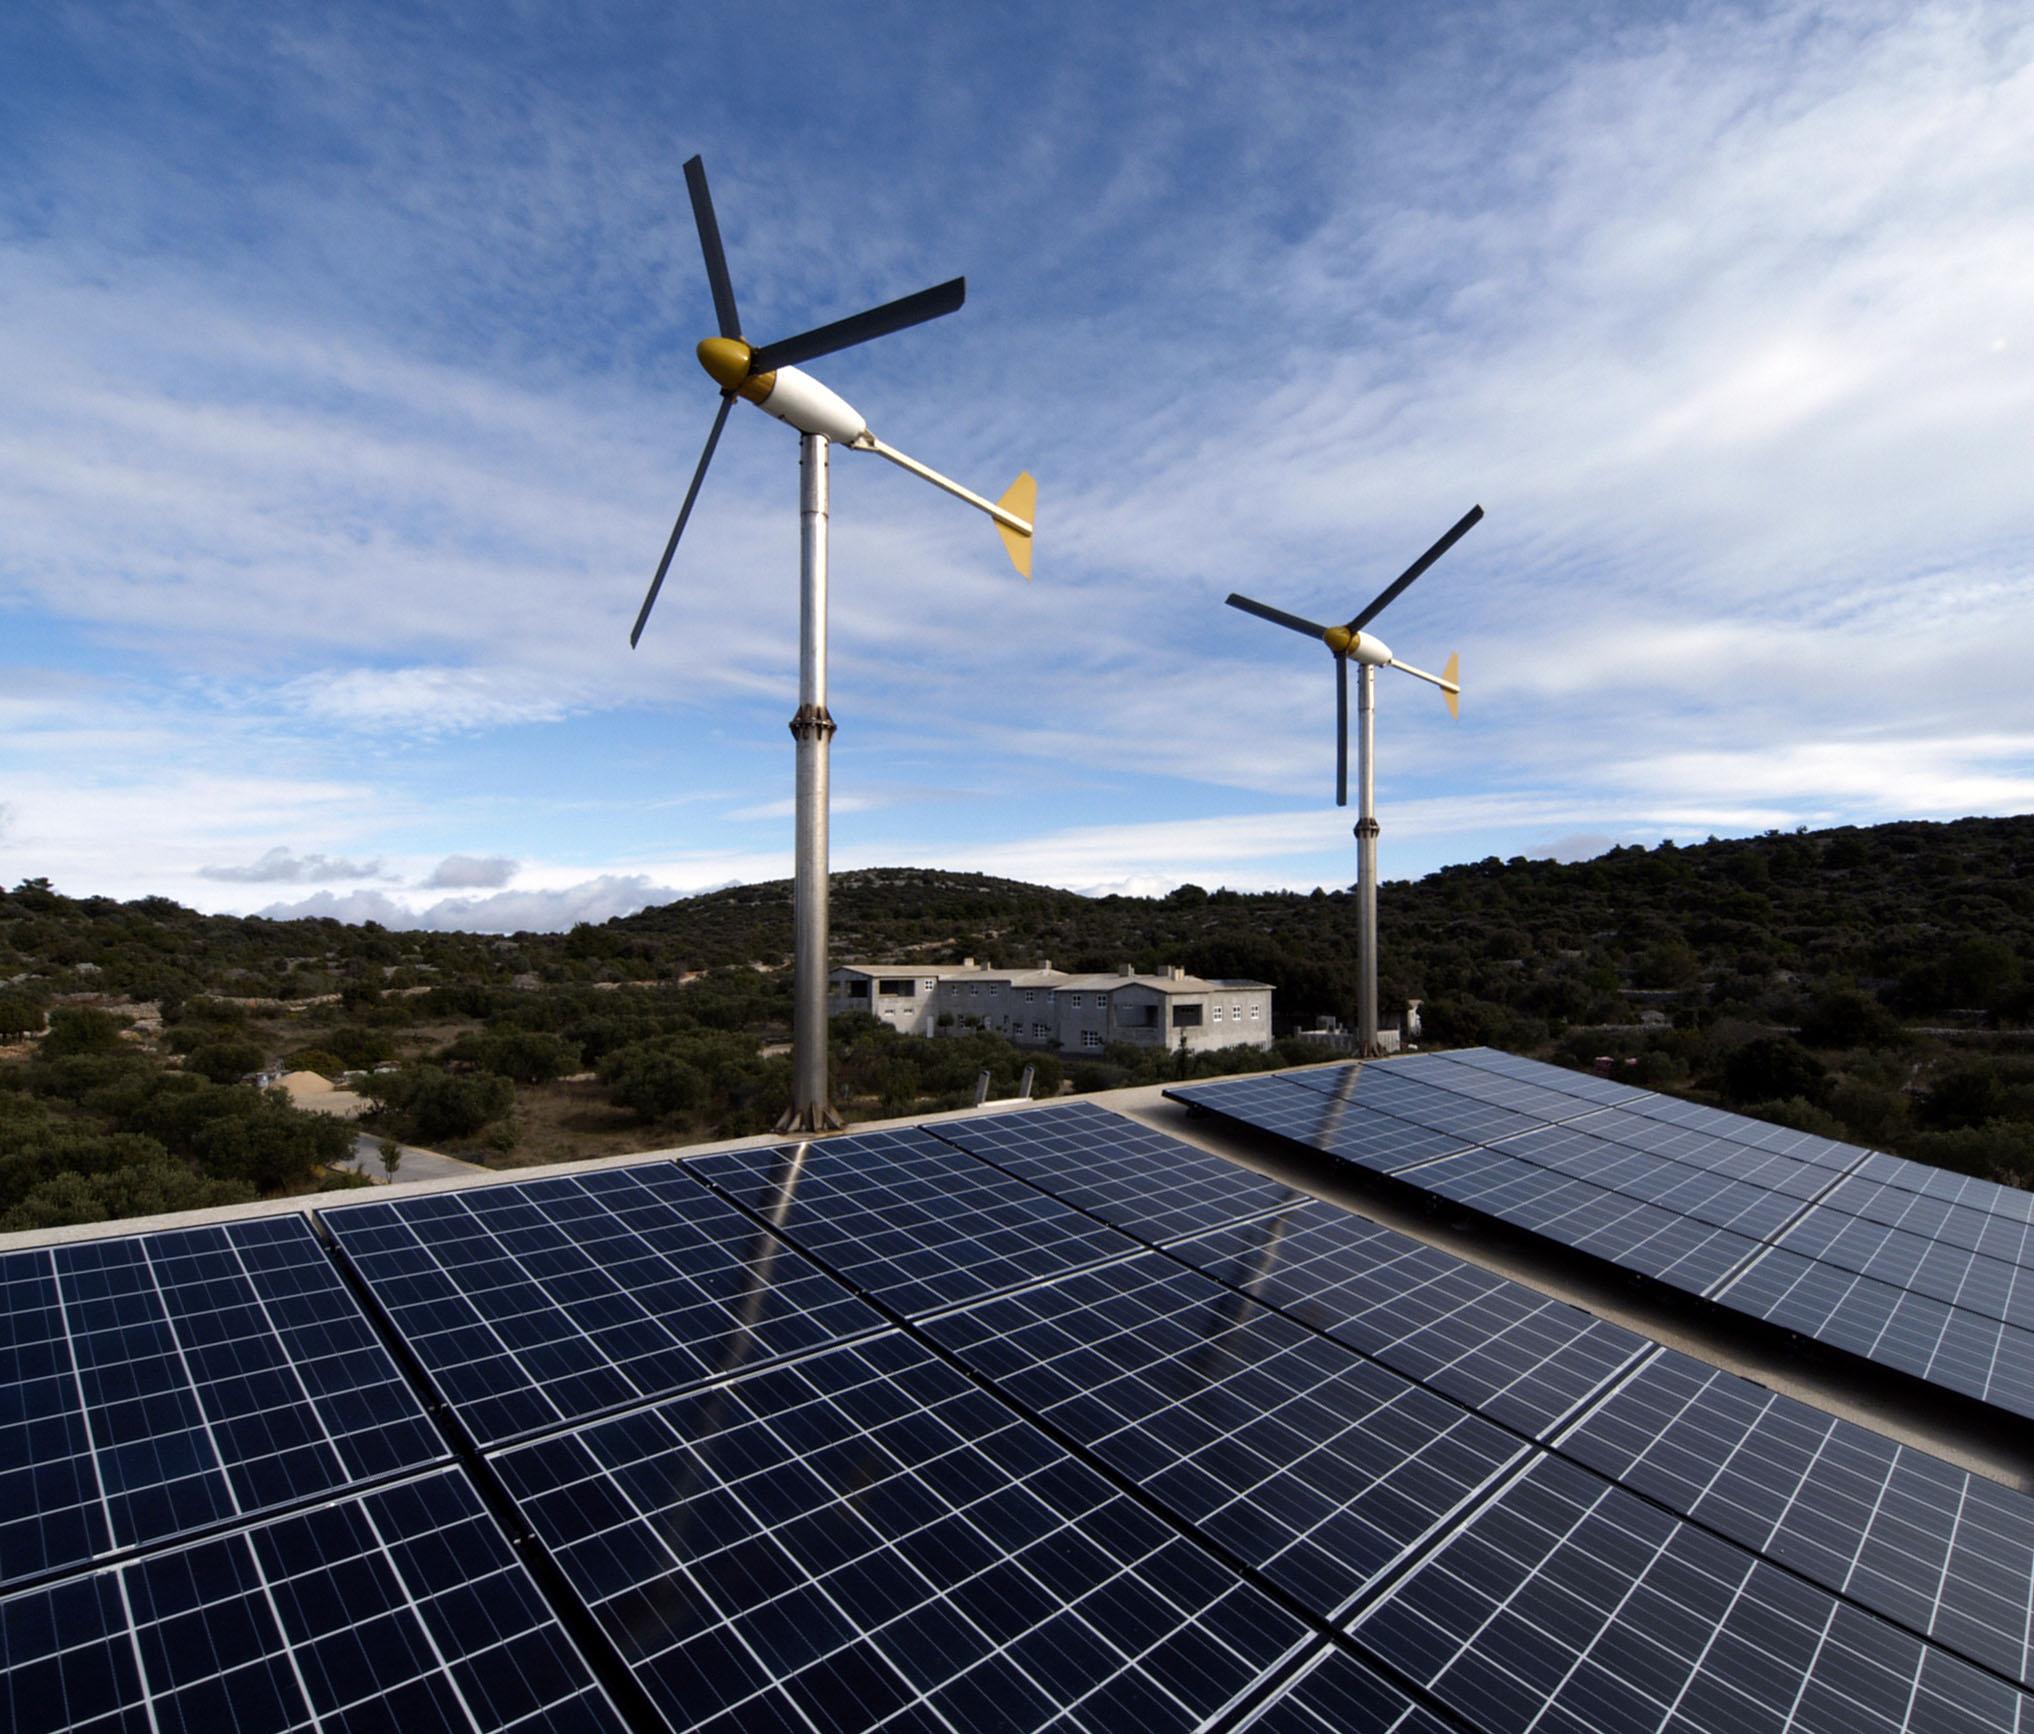 File:Hybrid system, 2400W windturbines, 4000W solar modules, island Zirje, Croatia.jpg - Wikimedia Commons